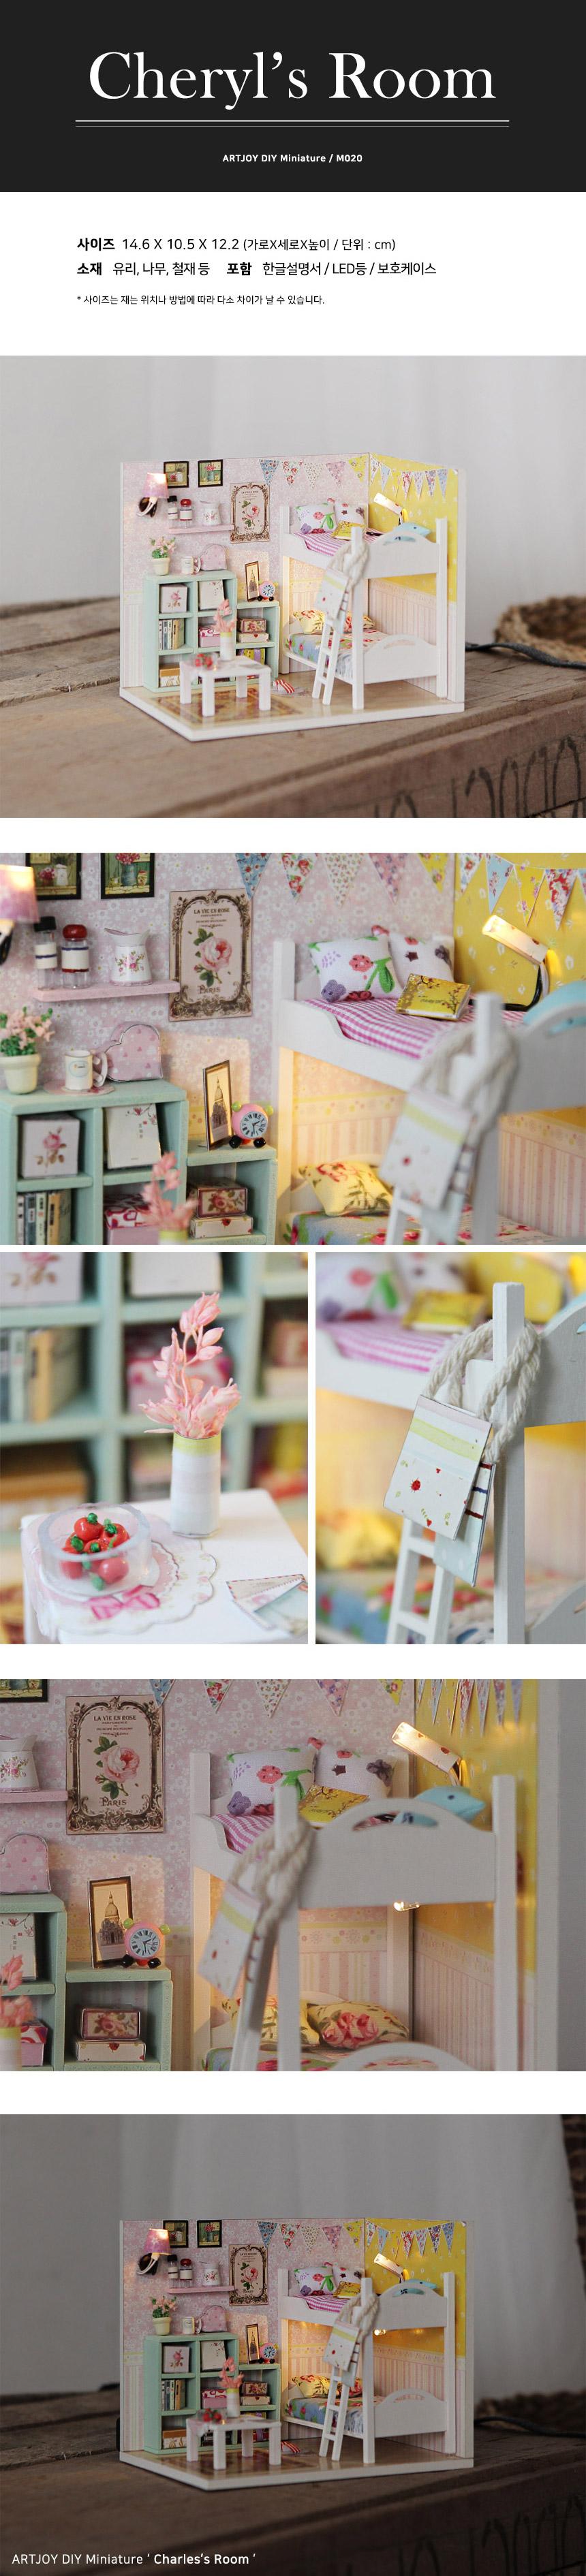 아트조이 DIY 미니어처하우스 Cheryls Room - 아트조이, 13,100원, 미니어처 DIY, 미니어처 만들기 패키지